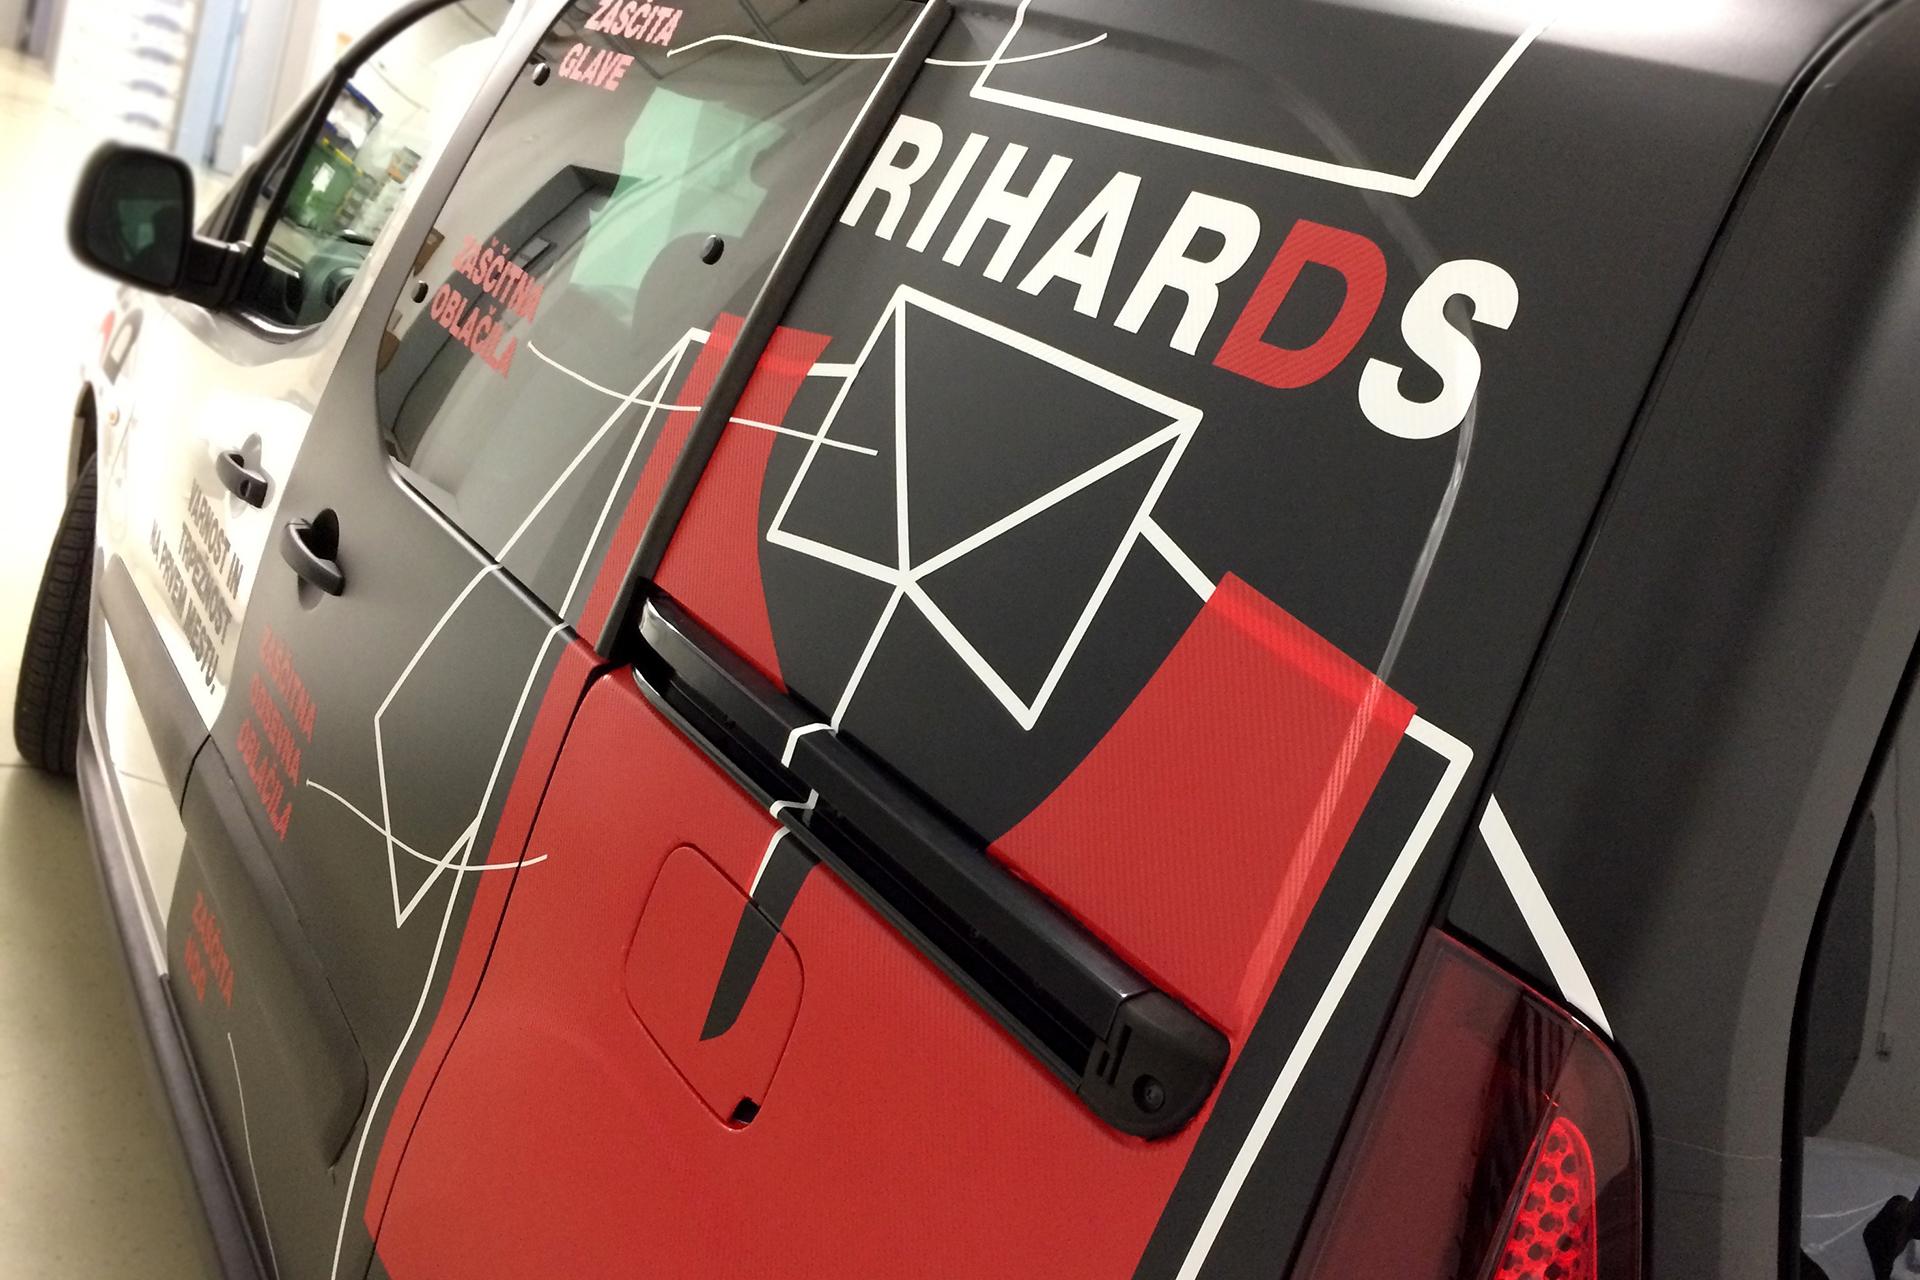 rihards_avto_100004